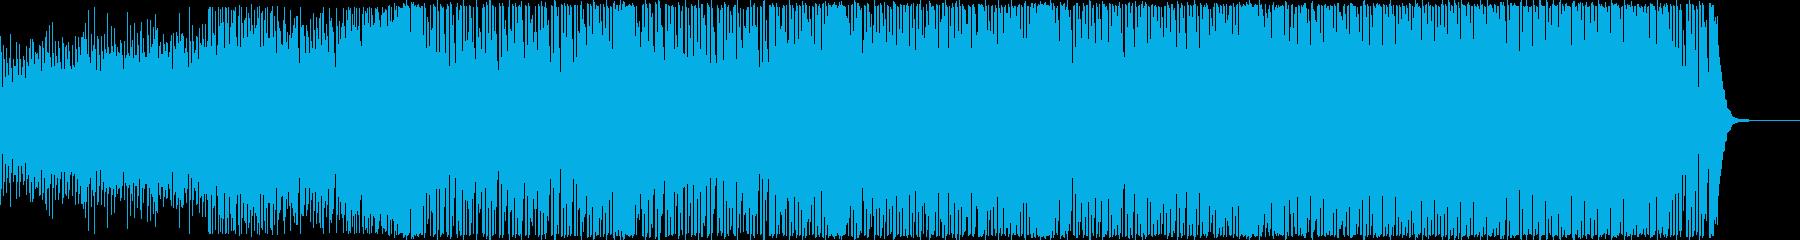 疾走感ある80年代風レトロ・ポップの再生済みの波形